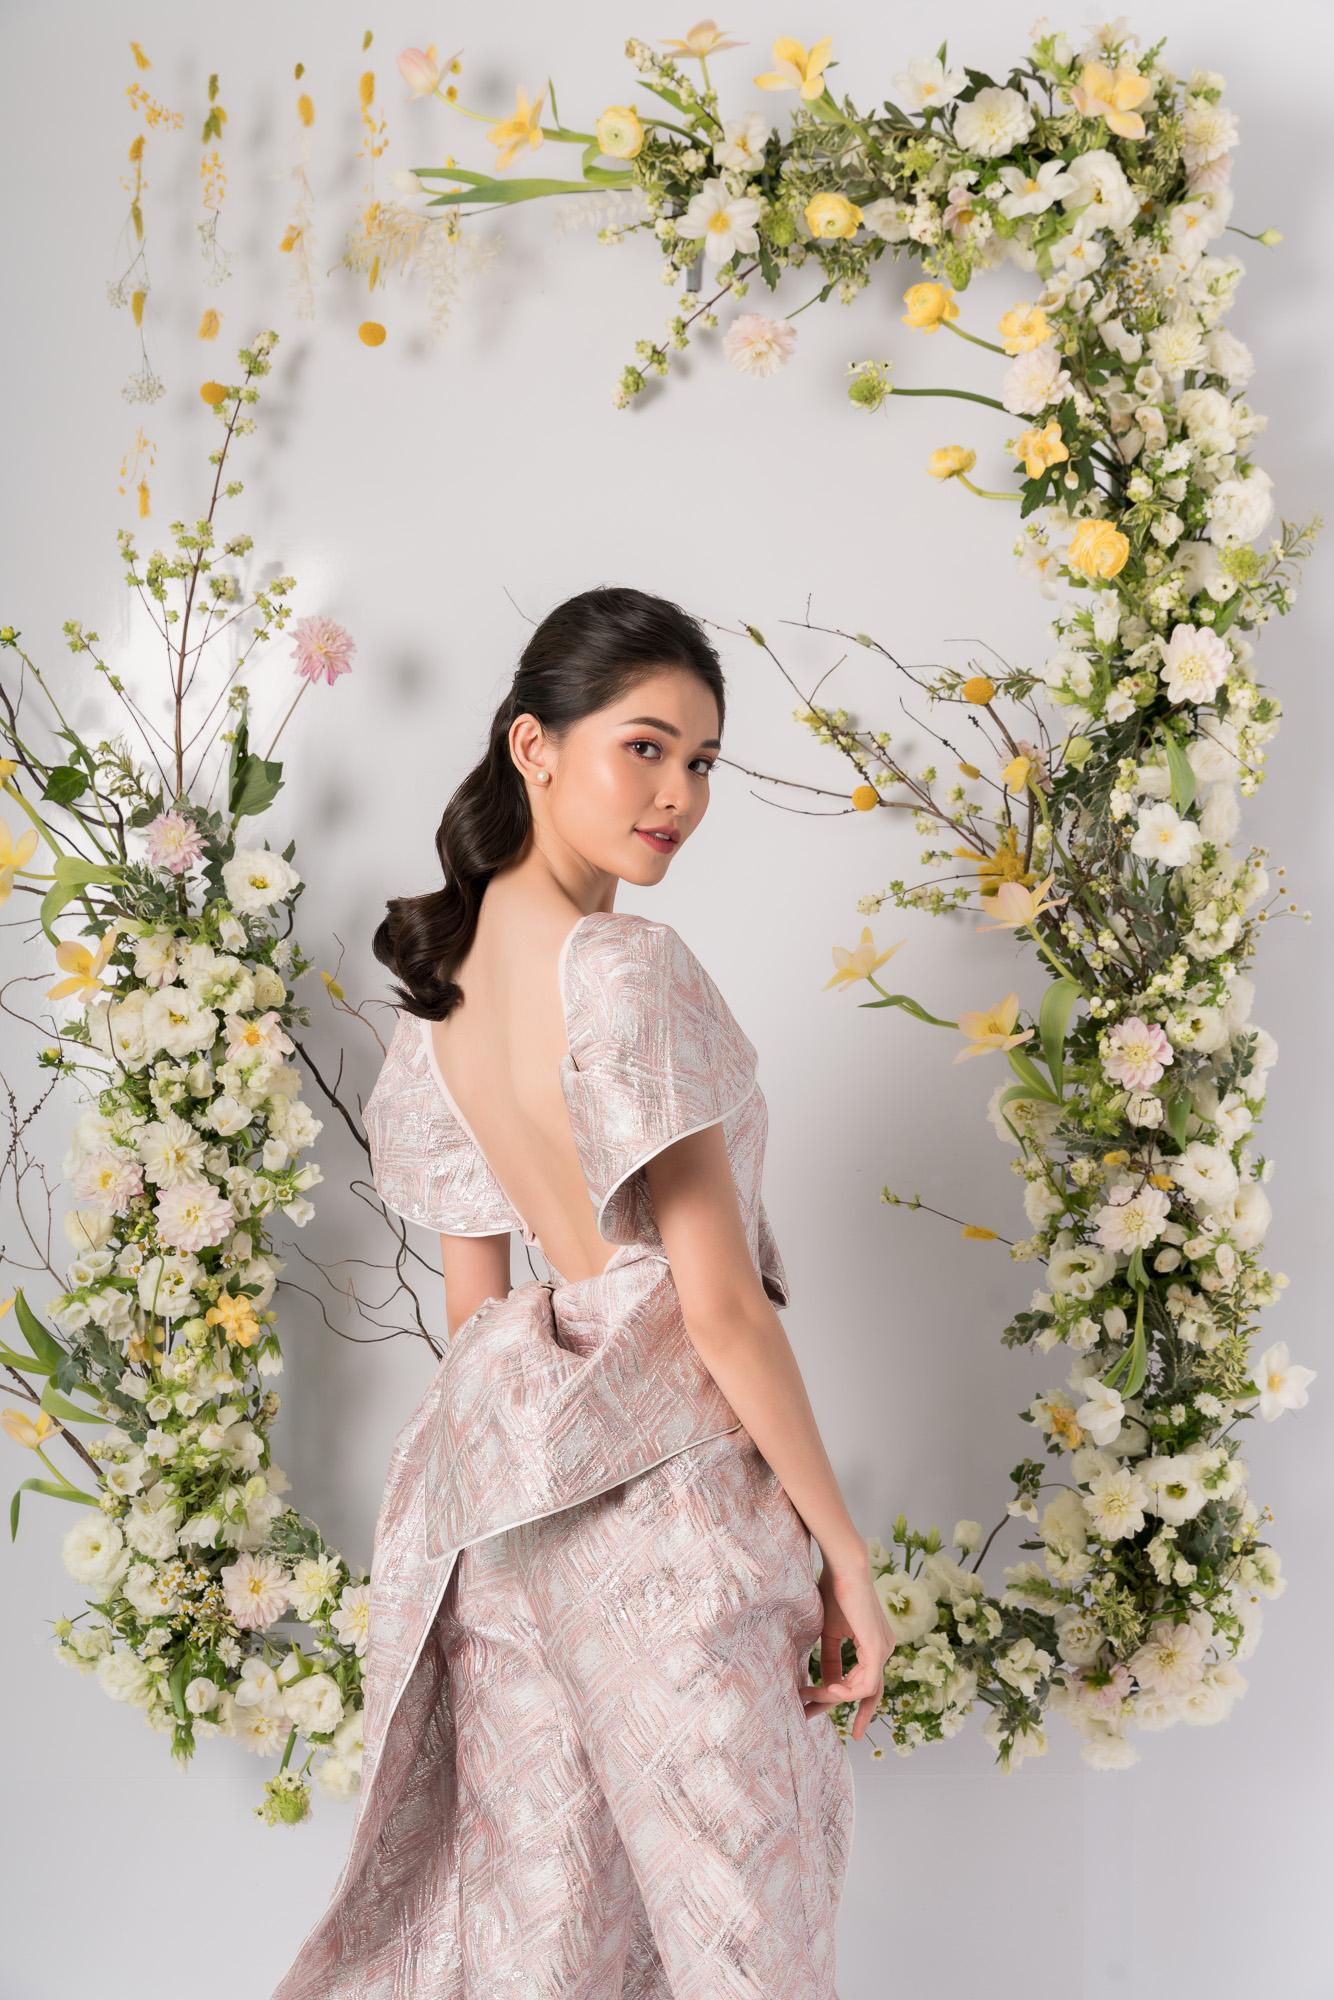 Nhã Phương, H'Hen Niê, Đỗ Mỹ Linh cùng khoe dáng với váy cưới - Ảnh 11